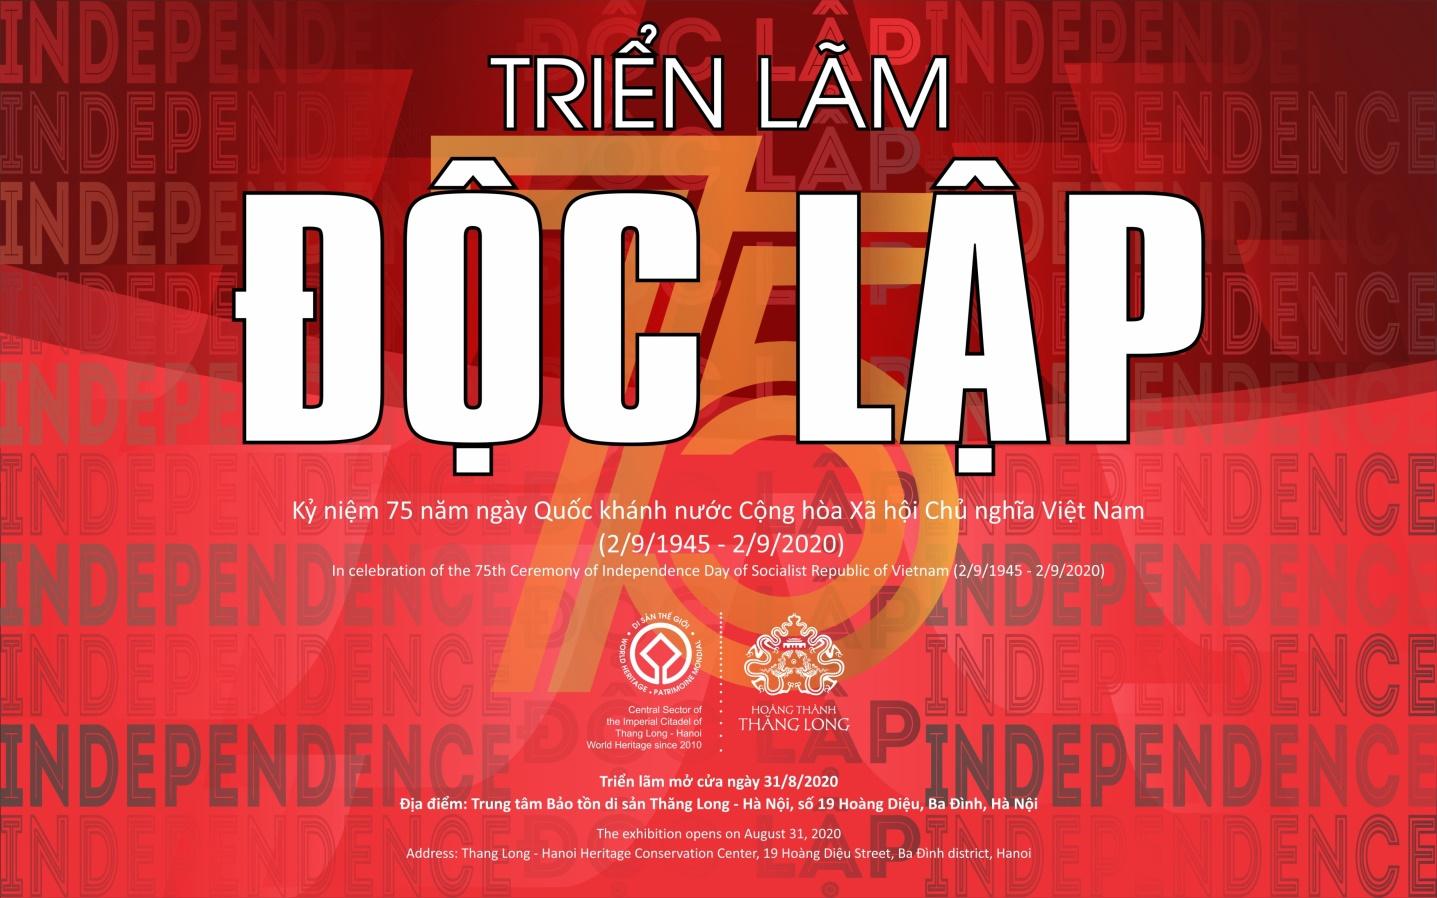 Triển lãm Độc lập kể chuyện khát vọng Việt Nam